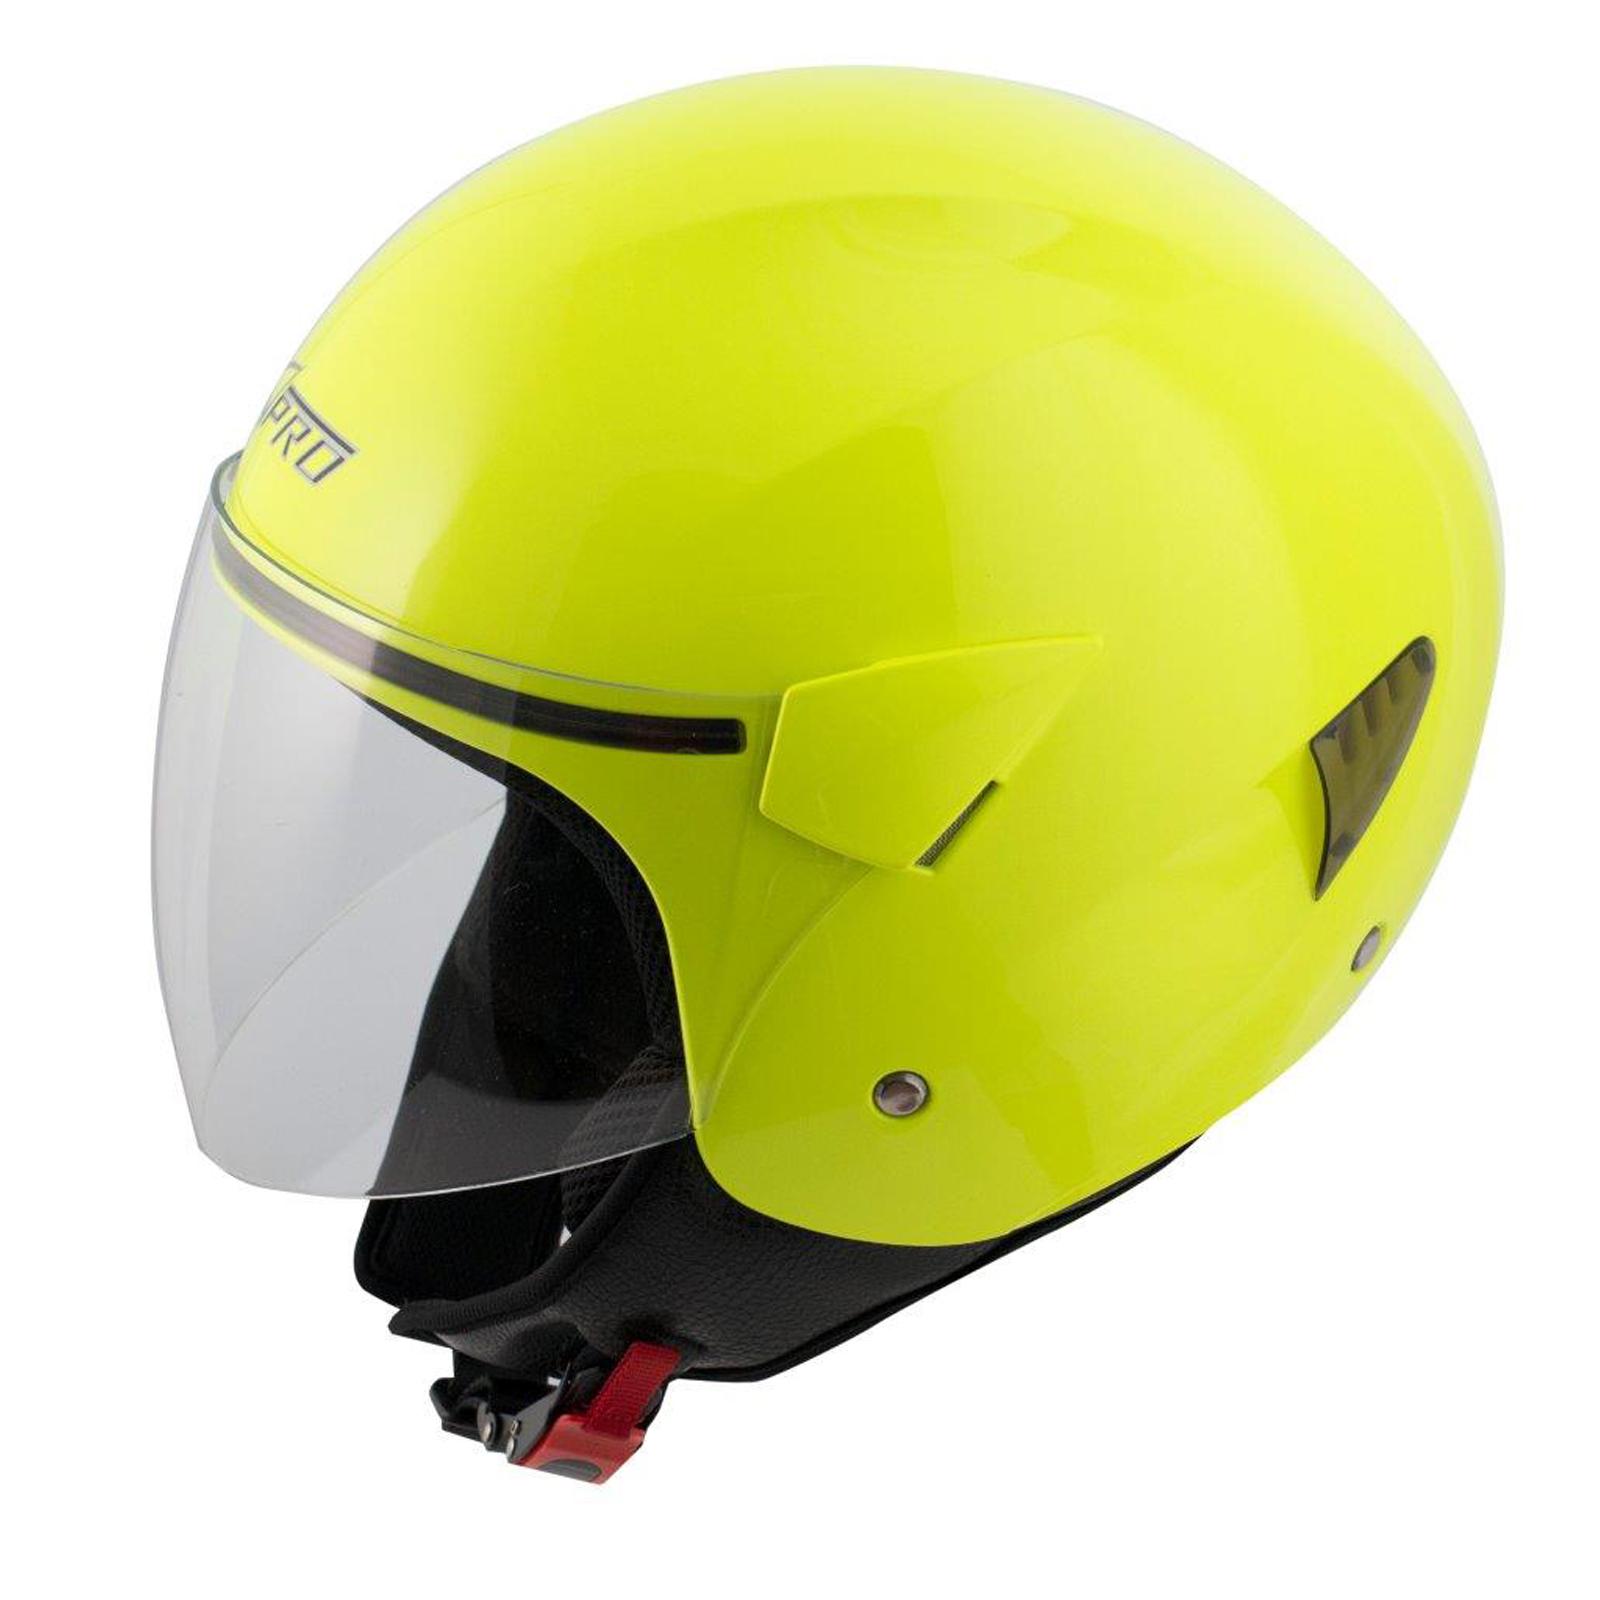 Casque-Moto-Scooter-Ville-Jet-Anti-Scratch-Visiere-Longue-Approuve-ECE-22-05 miniature 12